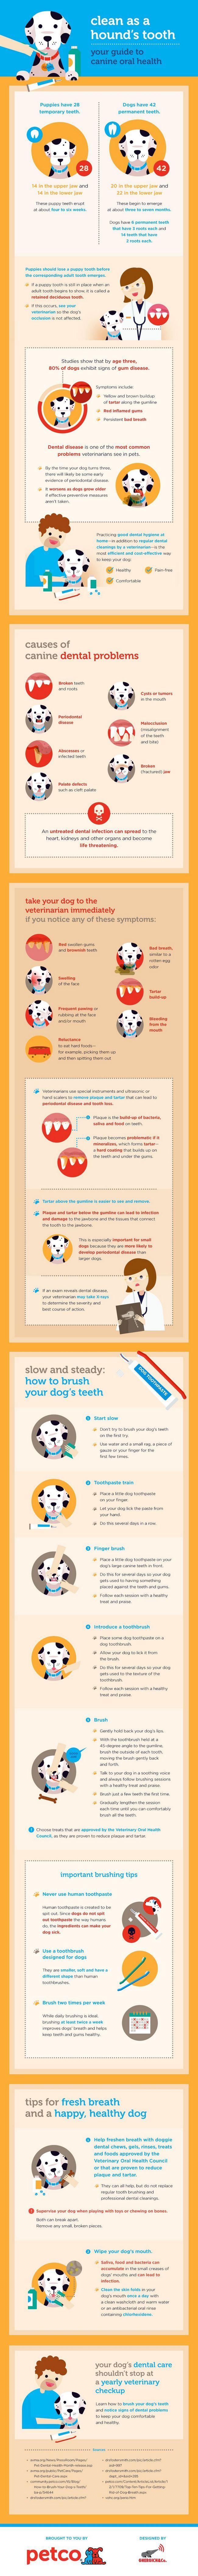 Nueva infografía en la salud bucal canina de petco!